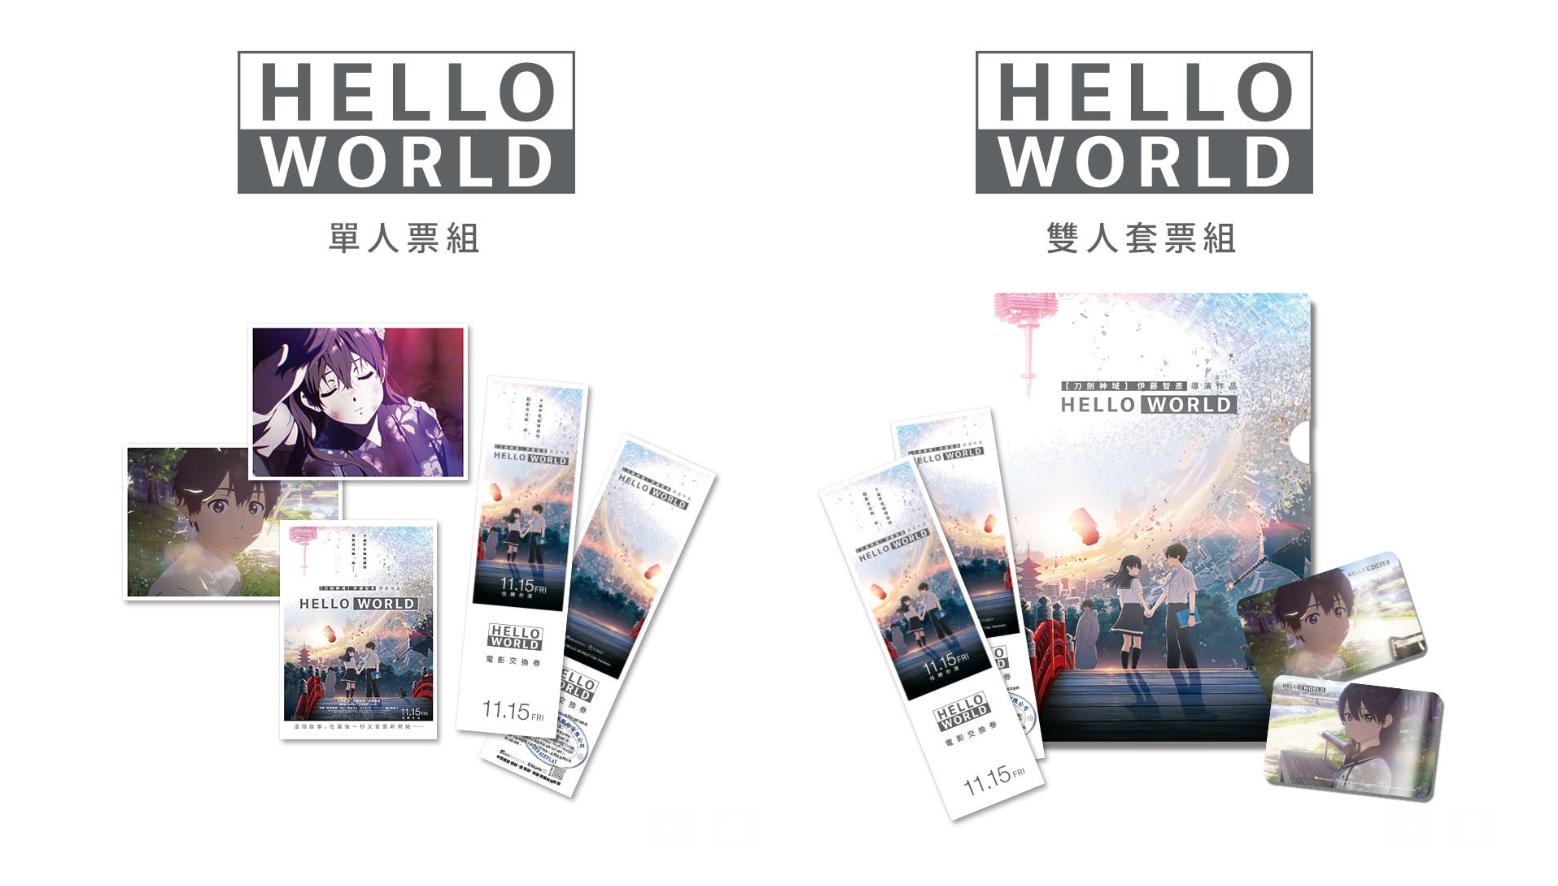 [迷迷動漫] 日本票房破1.5億新台幣!宛如《刀劍神域》結合《你的名字》  《HELLO WORLD》電影珍藏預售套票組啟售